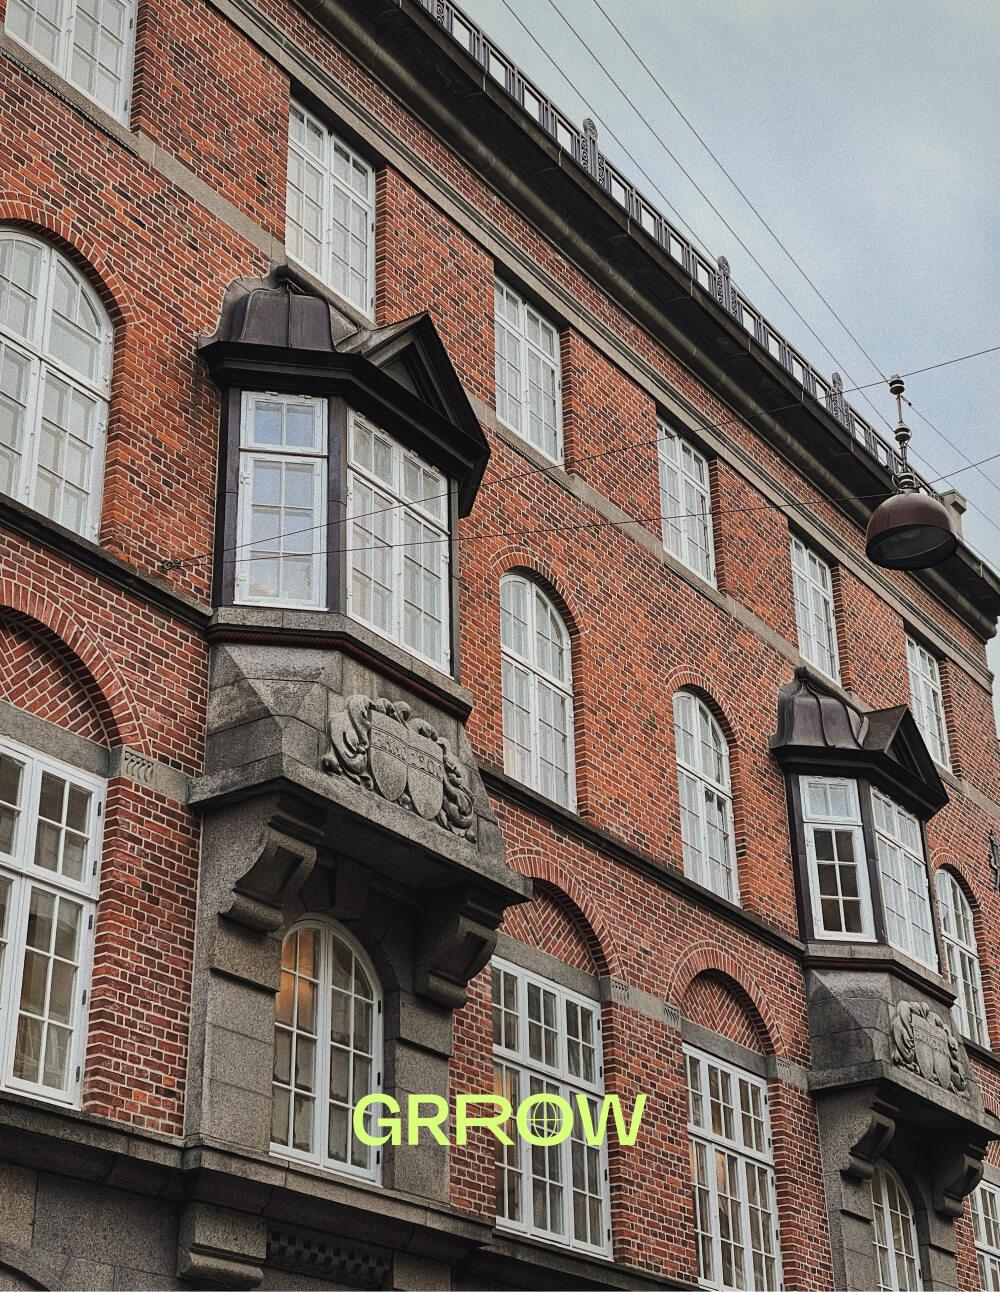 grrow_globalroadrunner-1